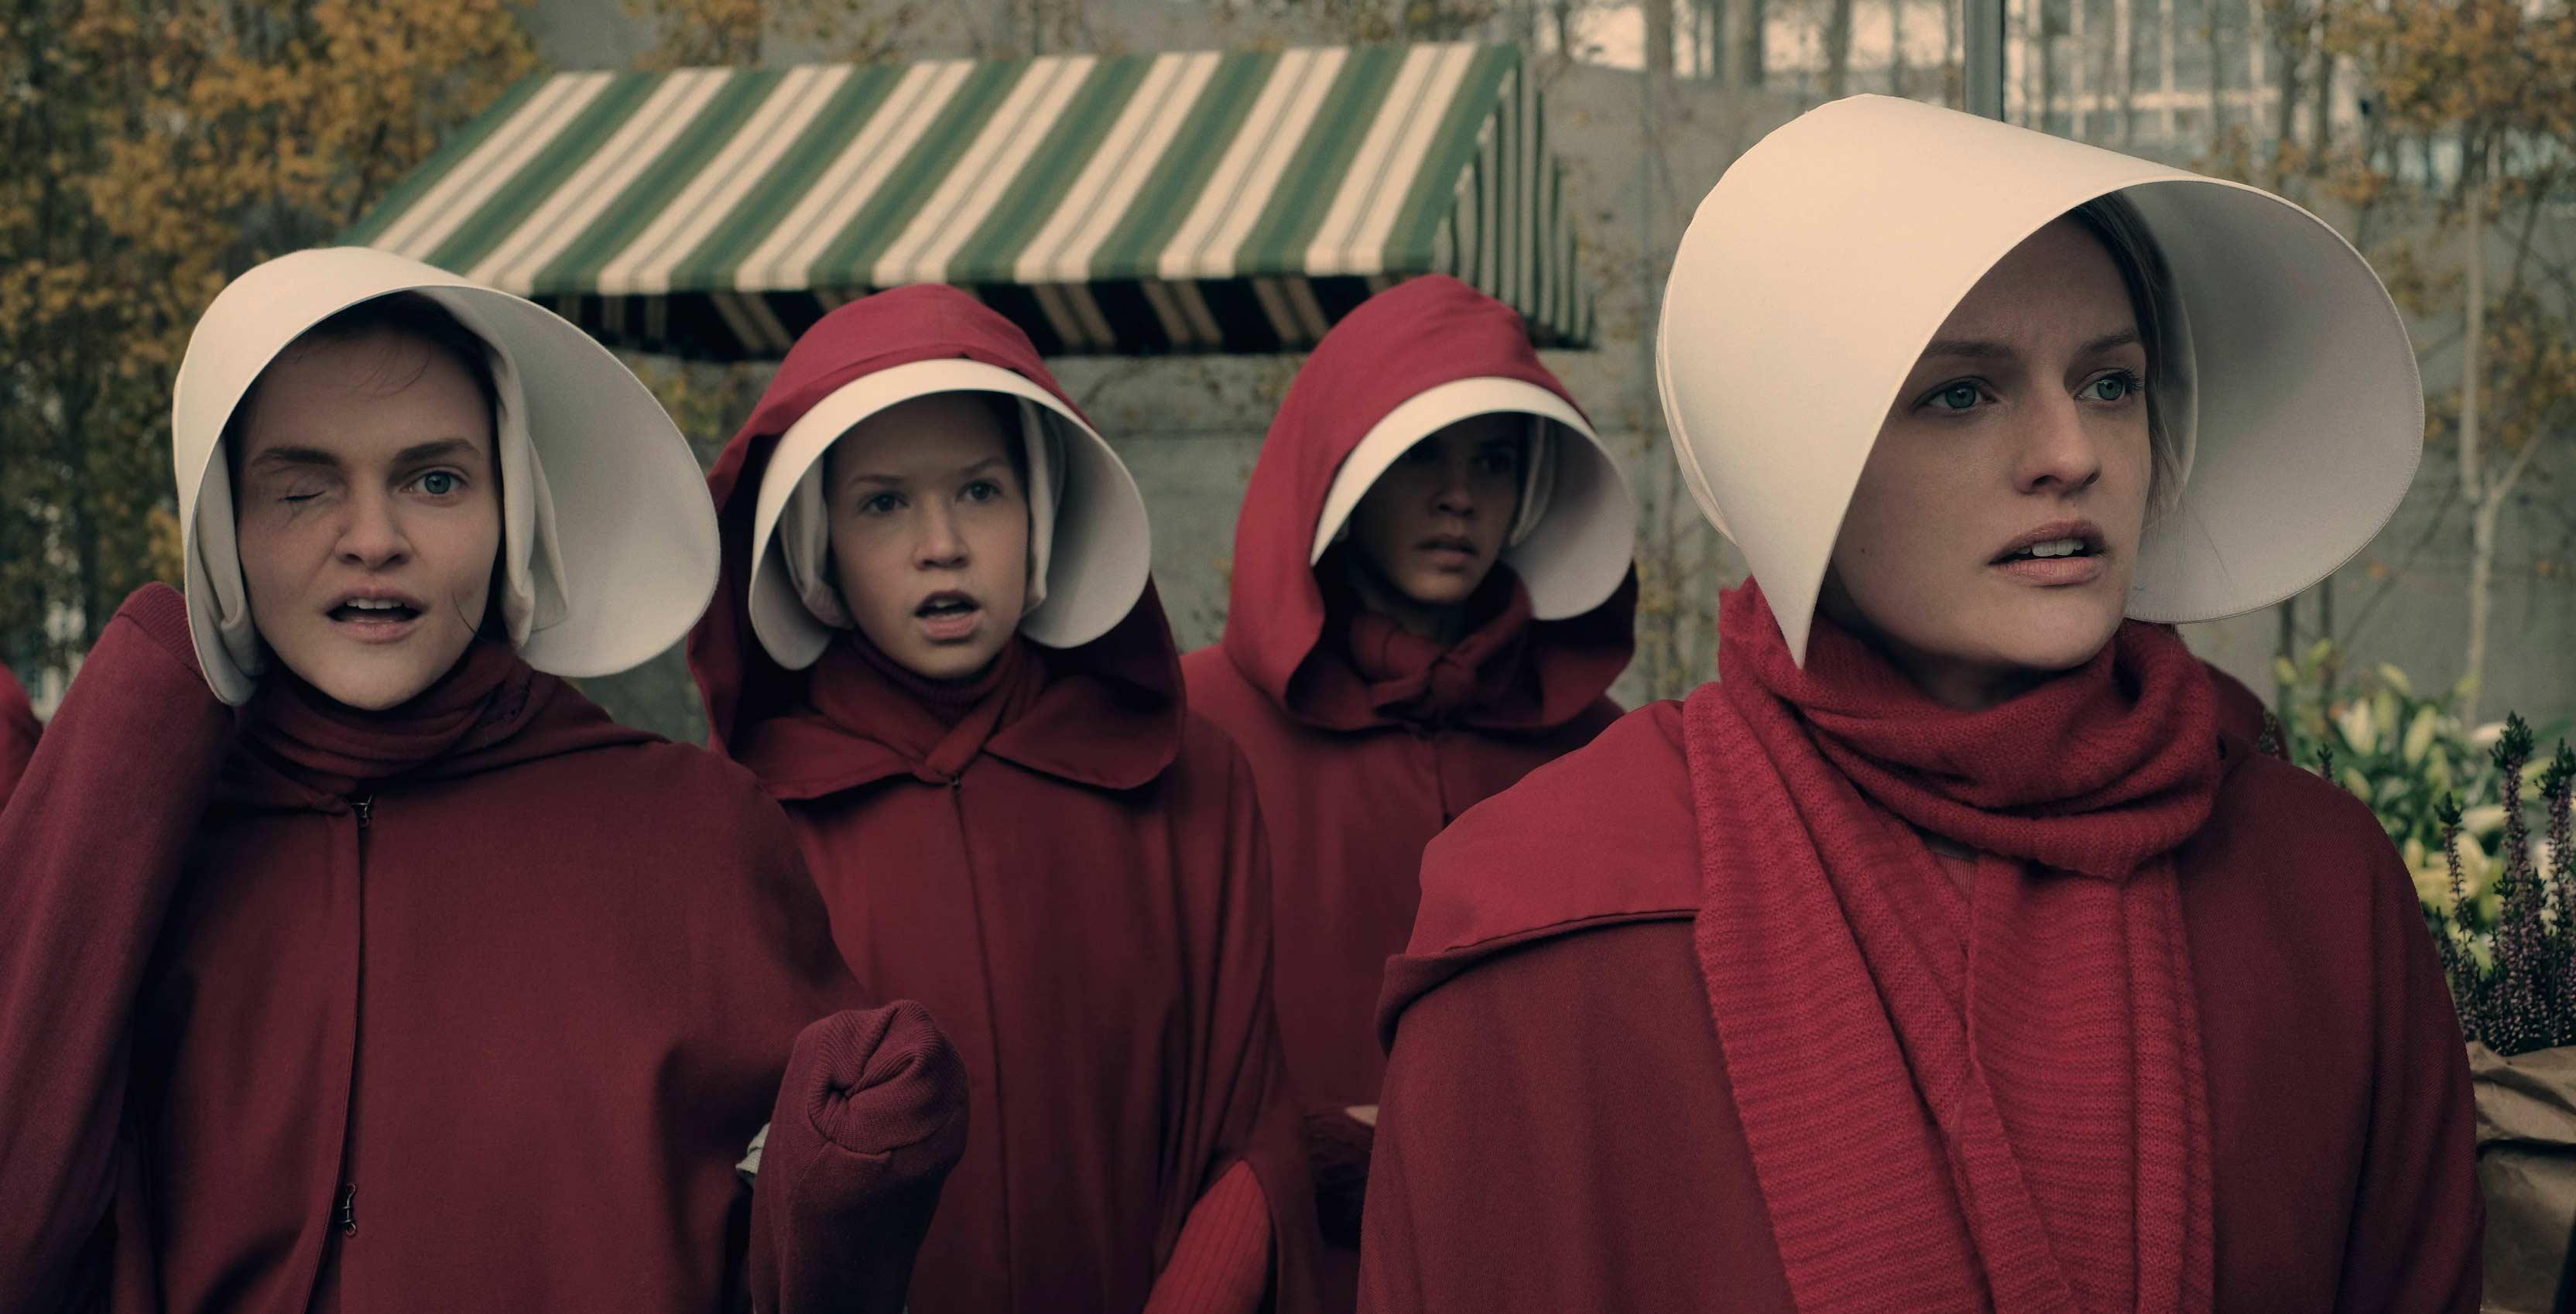 The Handmaids Tale Elizabeth Moss